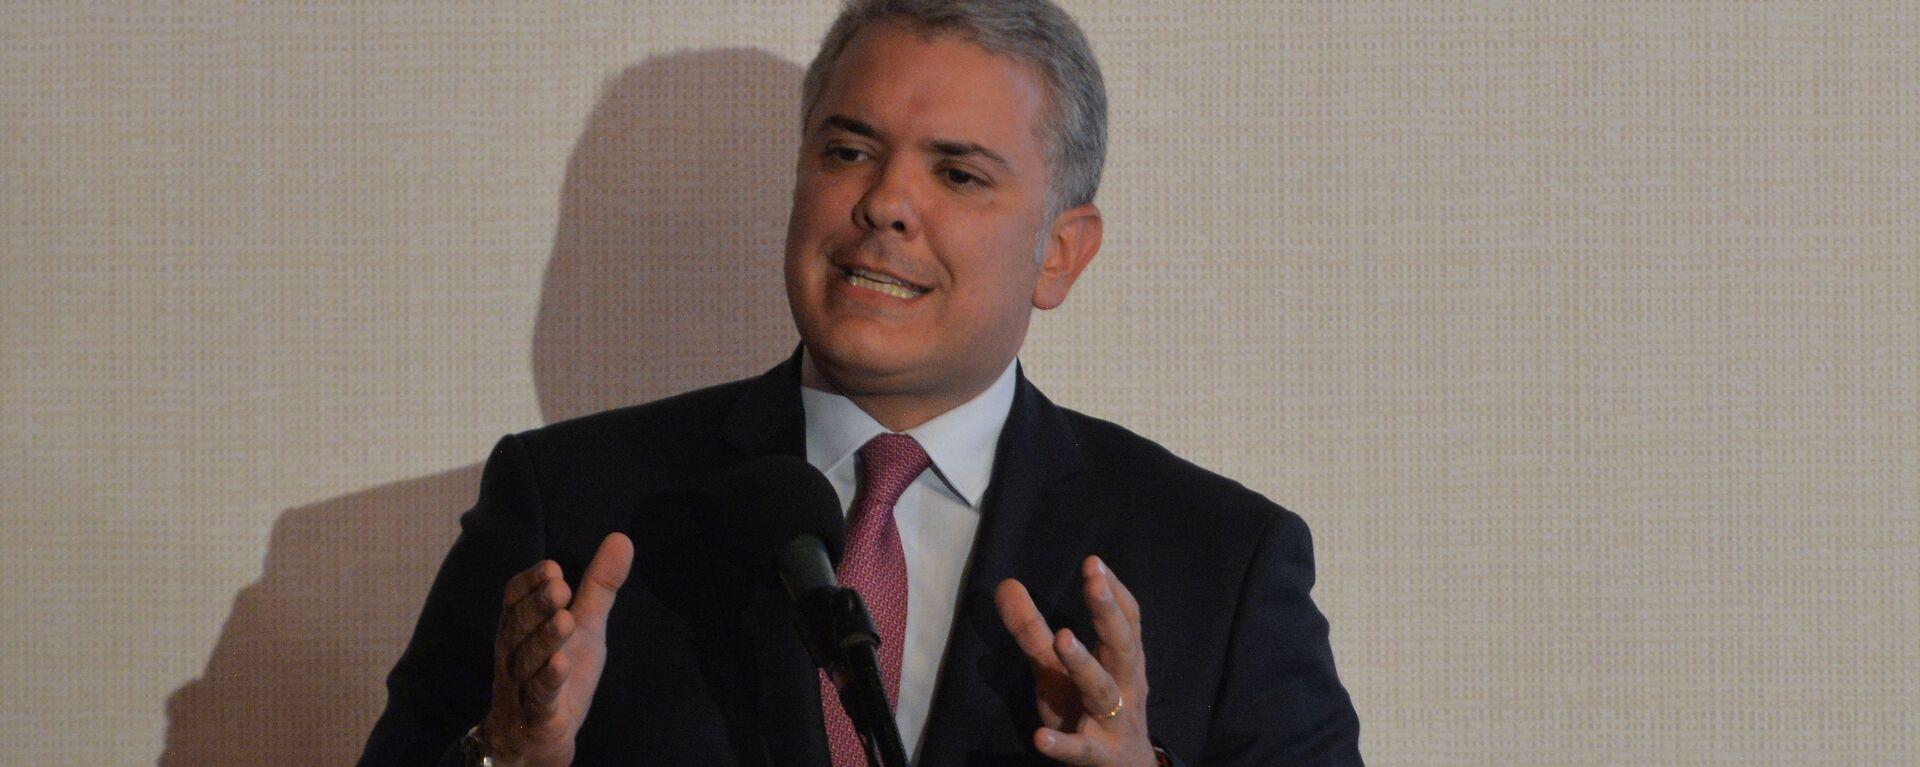 Iván Duque, presidente de Colombia - Sputnik Mundo, 1920, 06.05.2021